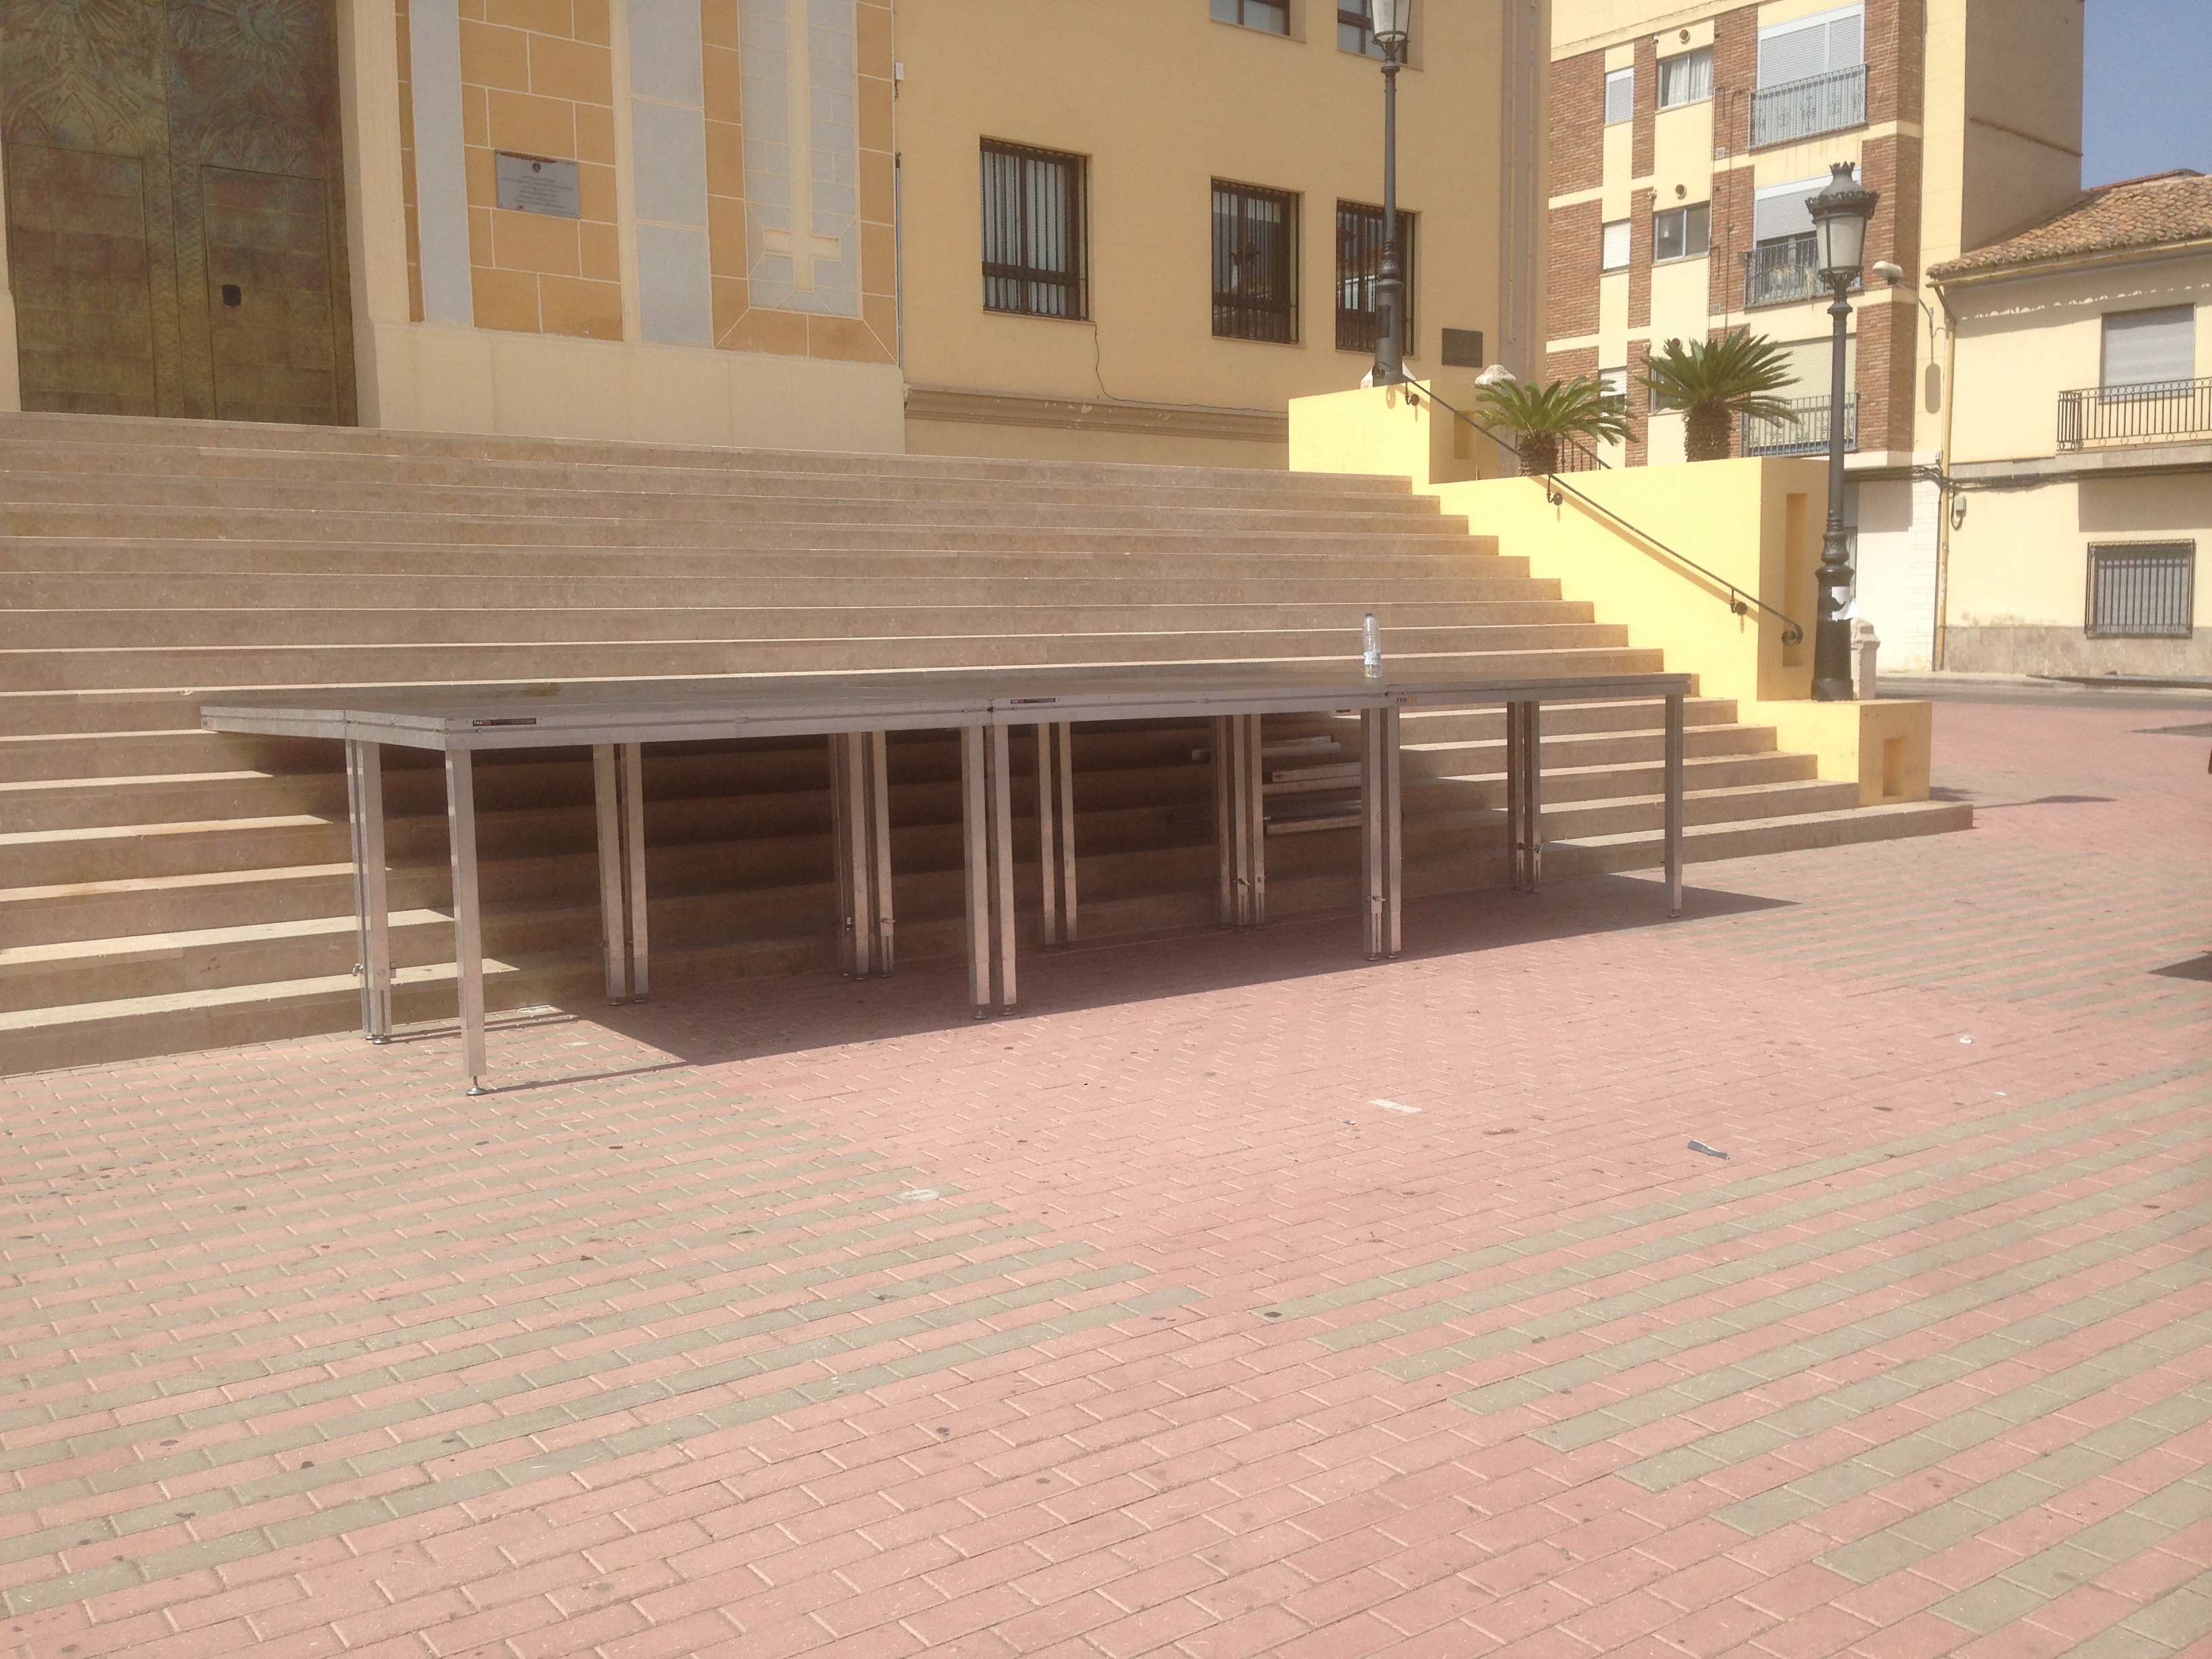 escenario cubre escalera Fiestas de Cheste 2015